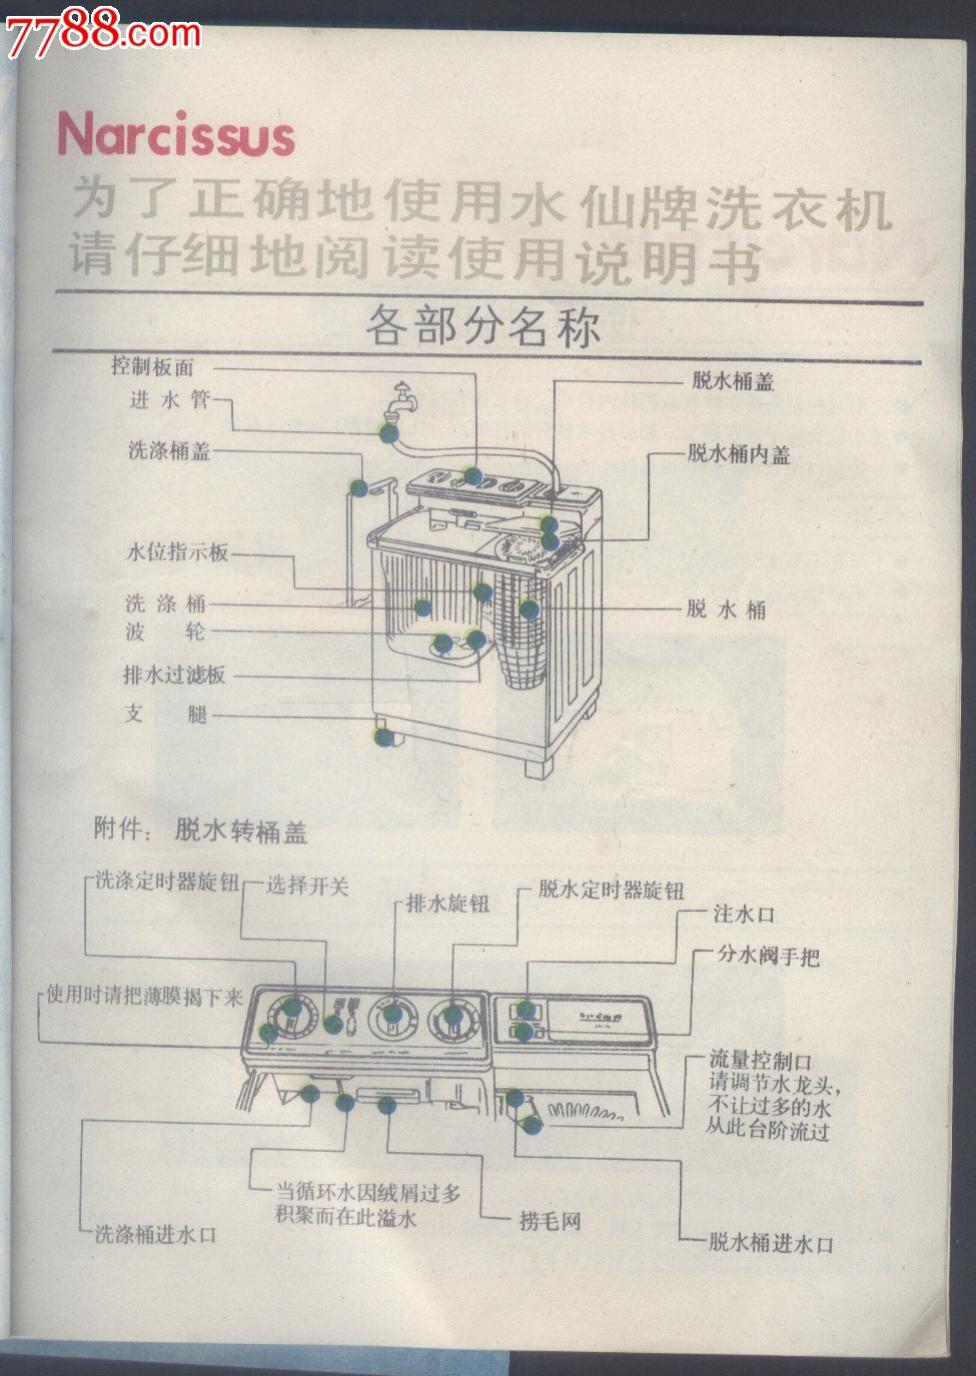 水仙牌双桶洗衣机使用说明书